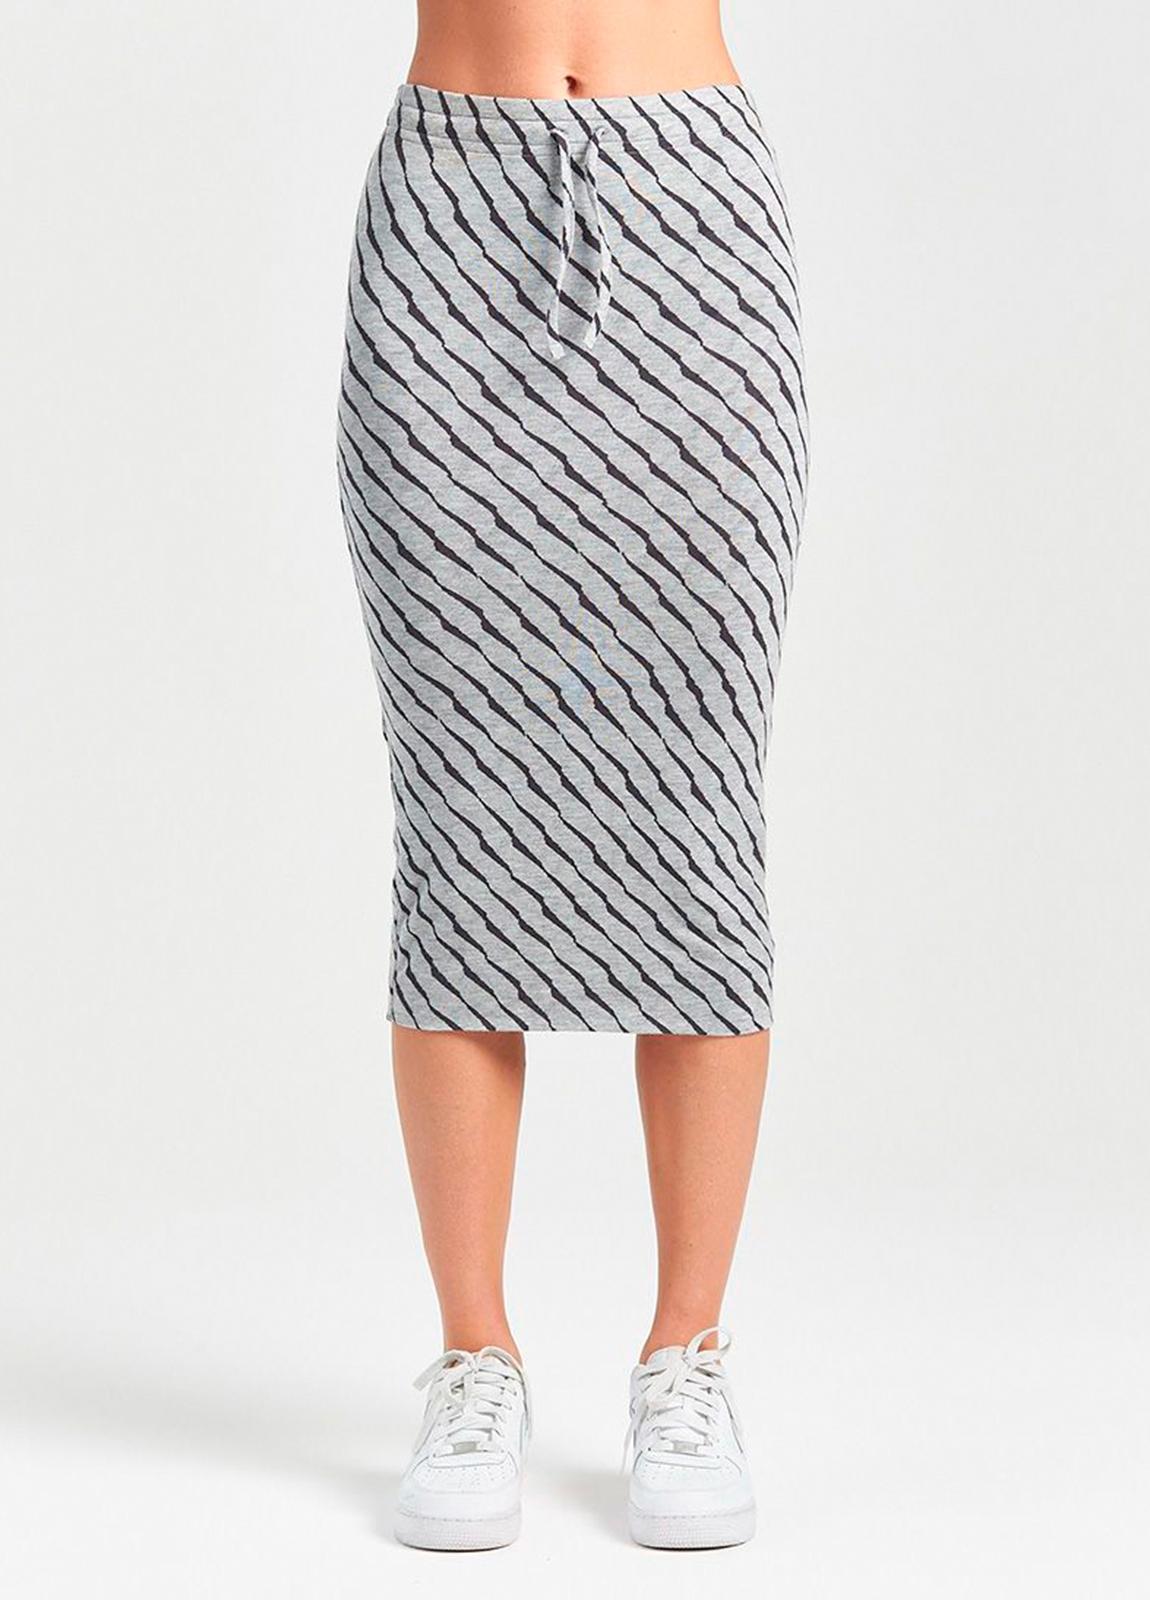 Falda tubo color gris con estampado animal print. 94% Lyocell 6% Elastáno. - Ítem1